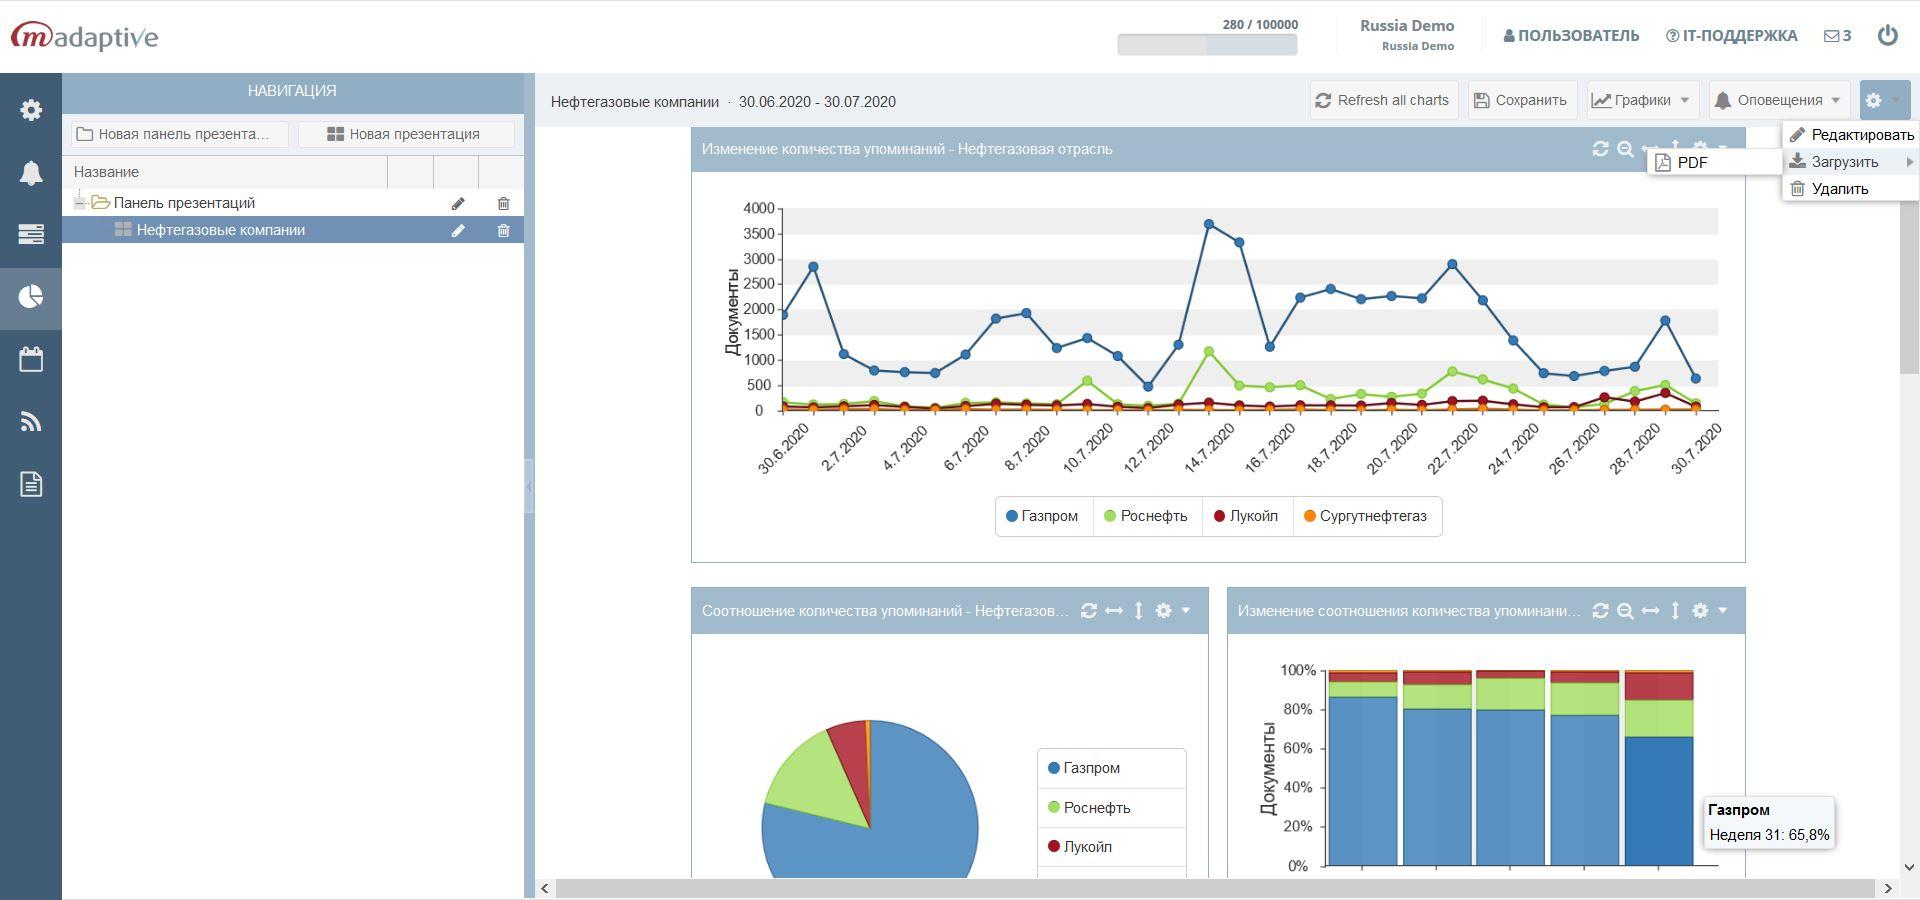 Автоматическая выгрузка отчёта из M-Adaptive по информационному пространству нефтегазовой отрасли